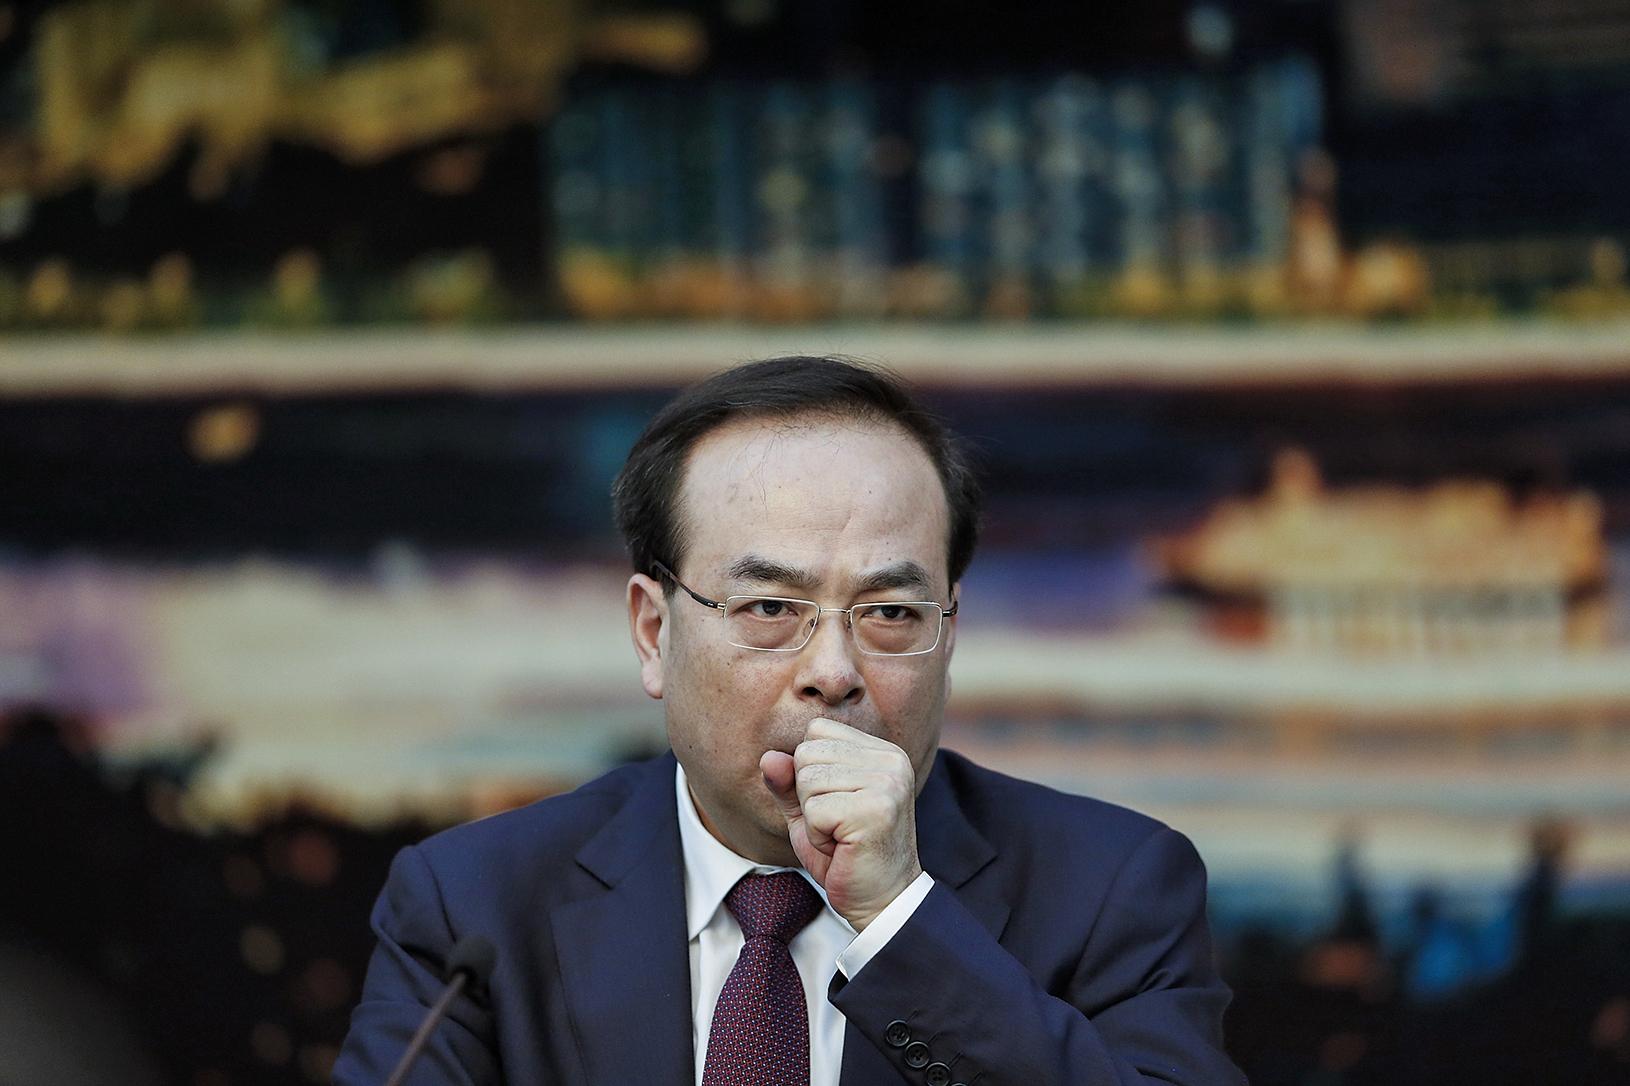 7月24日,中共中央政治局委員、前重慶市委書記孫政才因涉嫌嚴重違紀,被當局立案審查。(Getty Images)